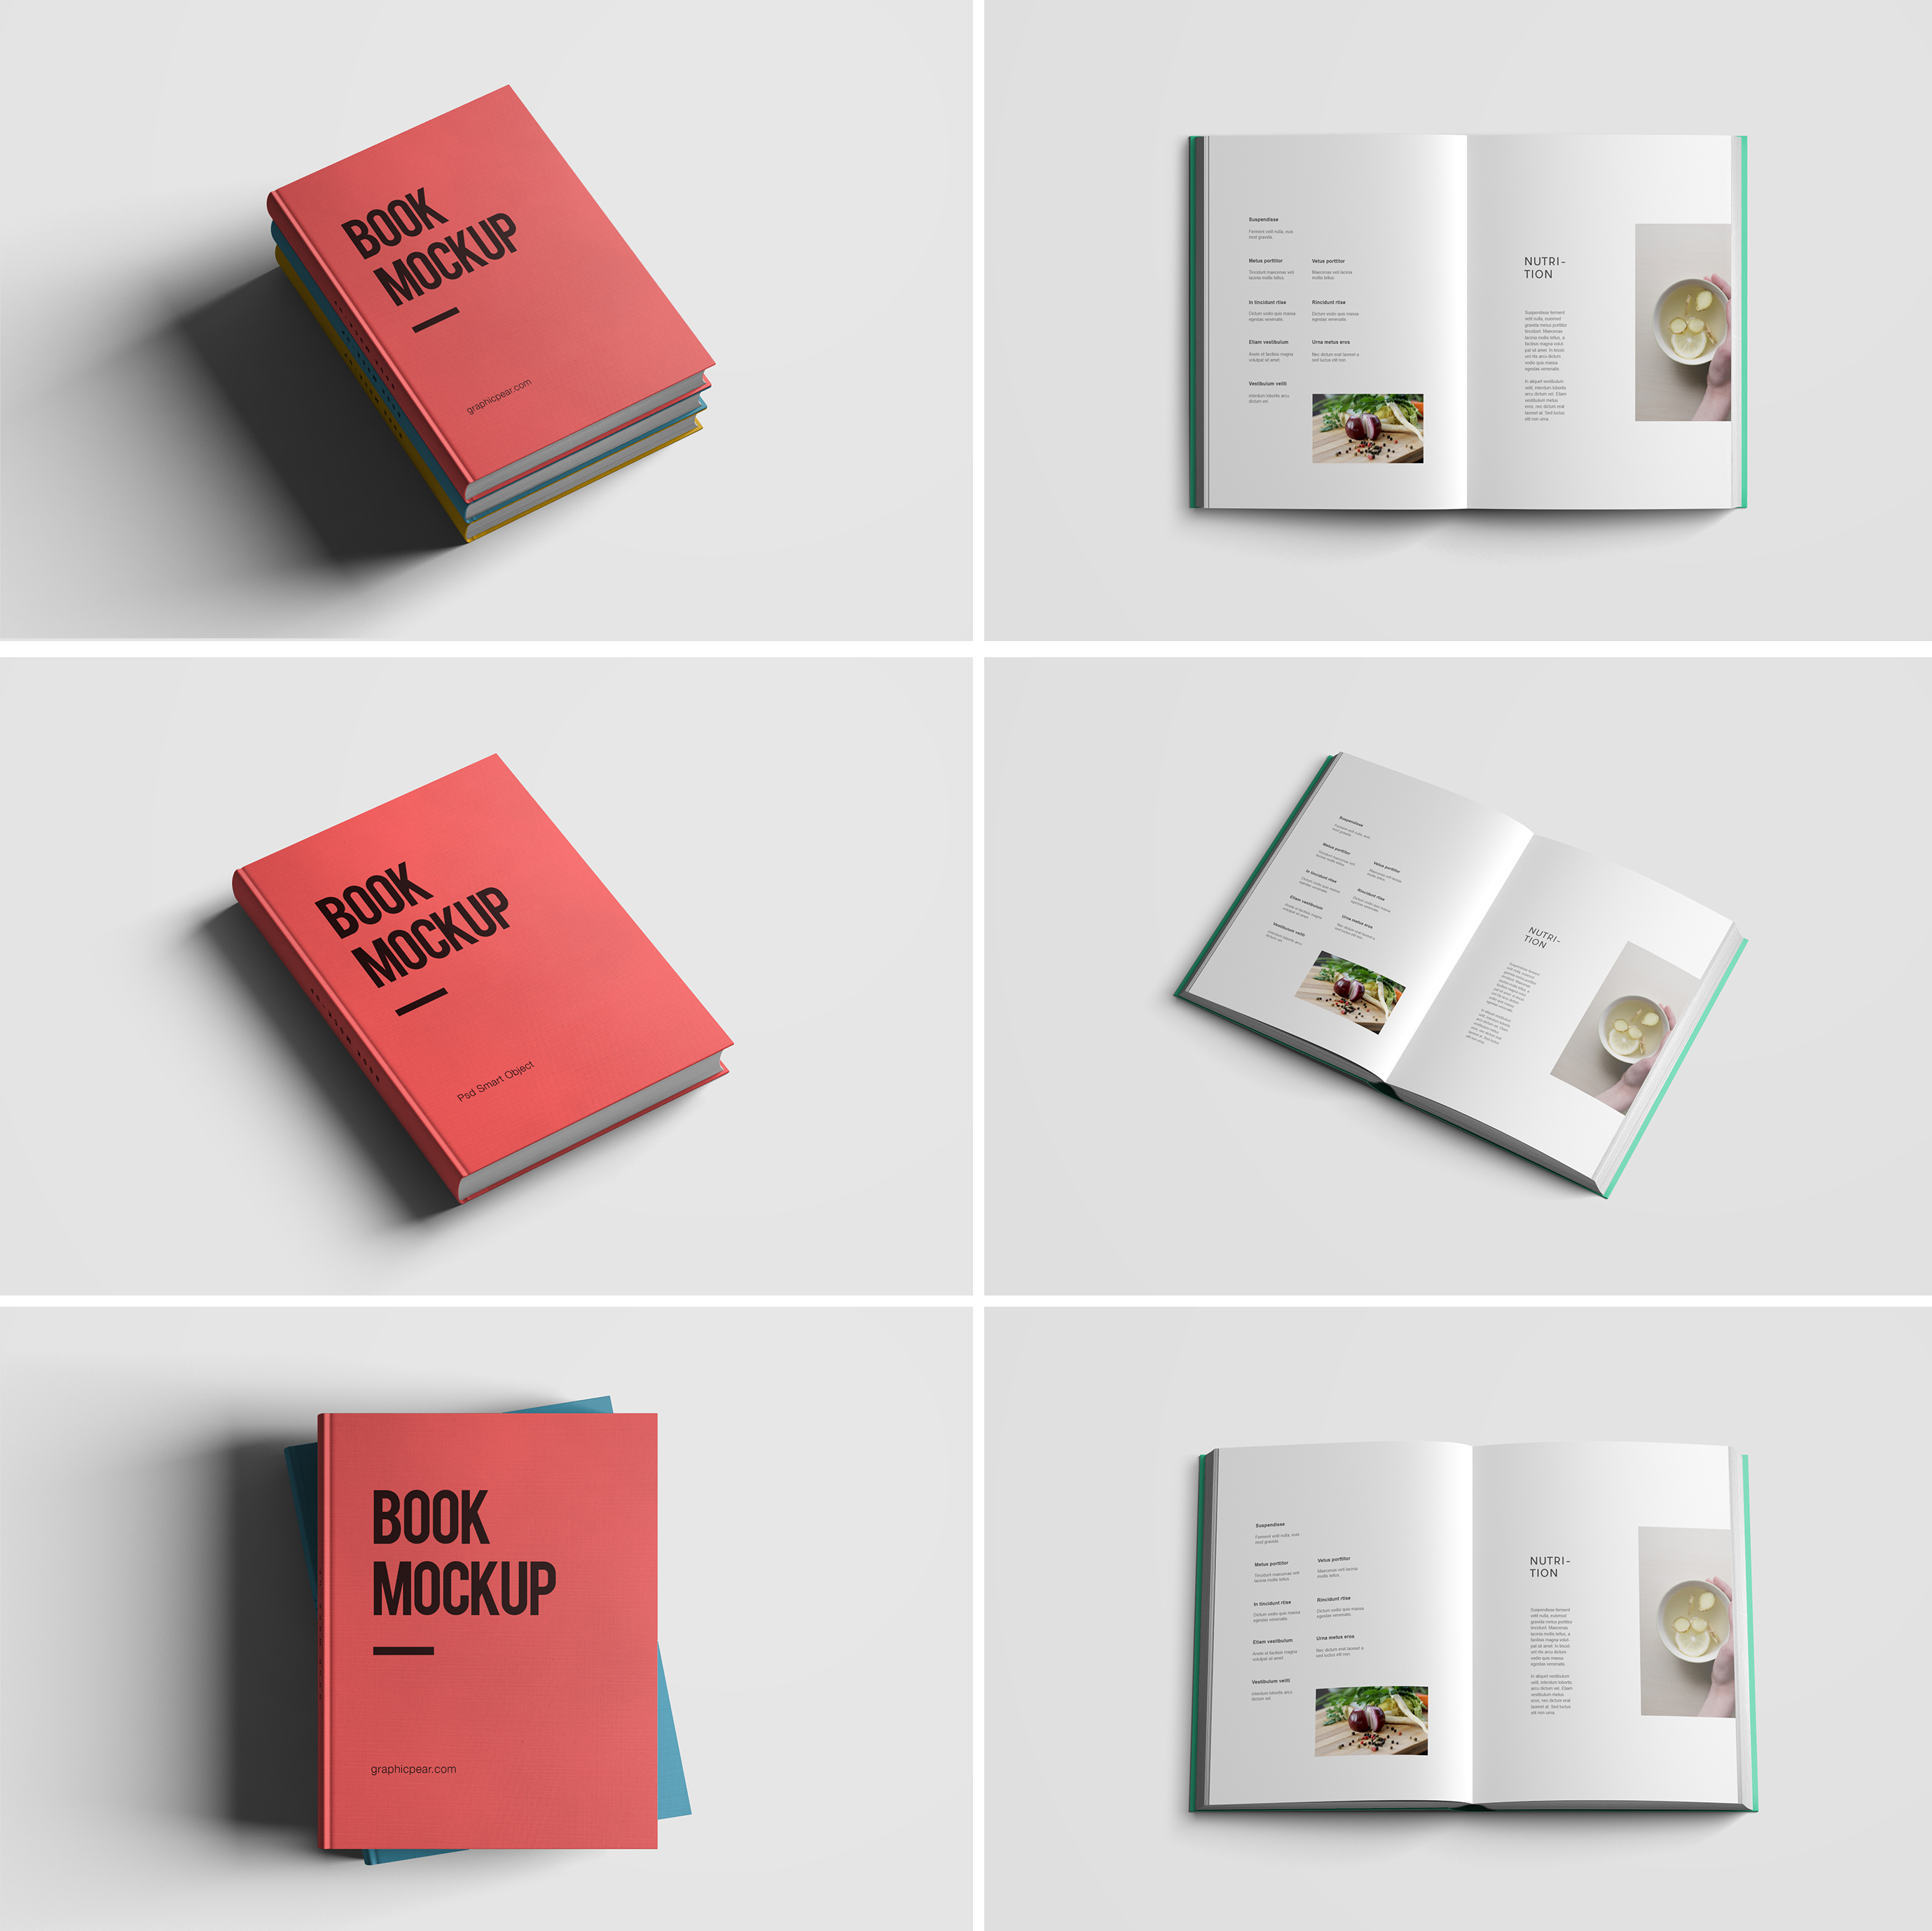 mockup-gratis-book-libro-free-download-03b